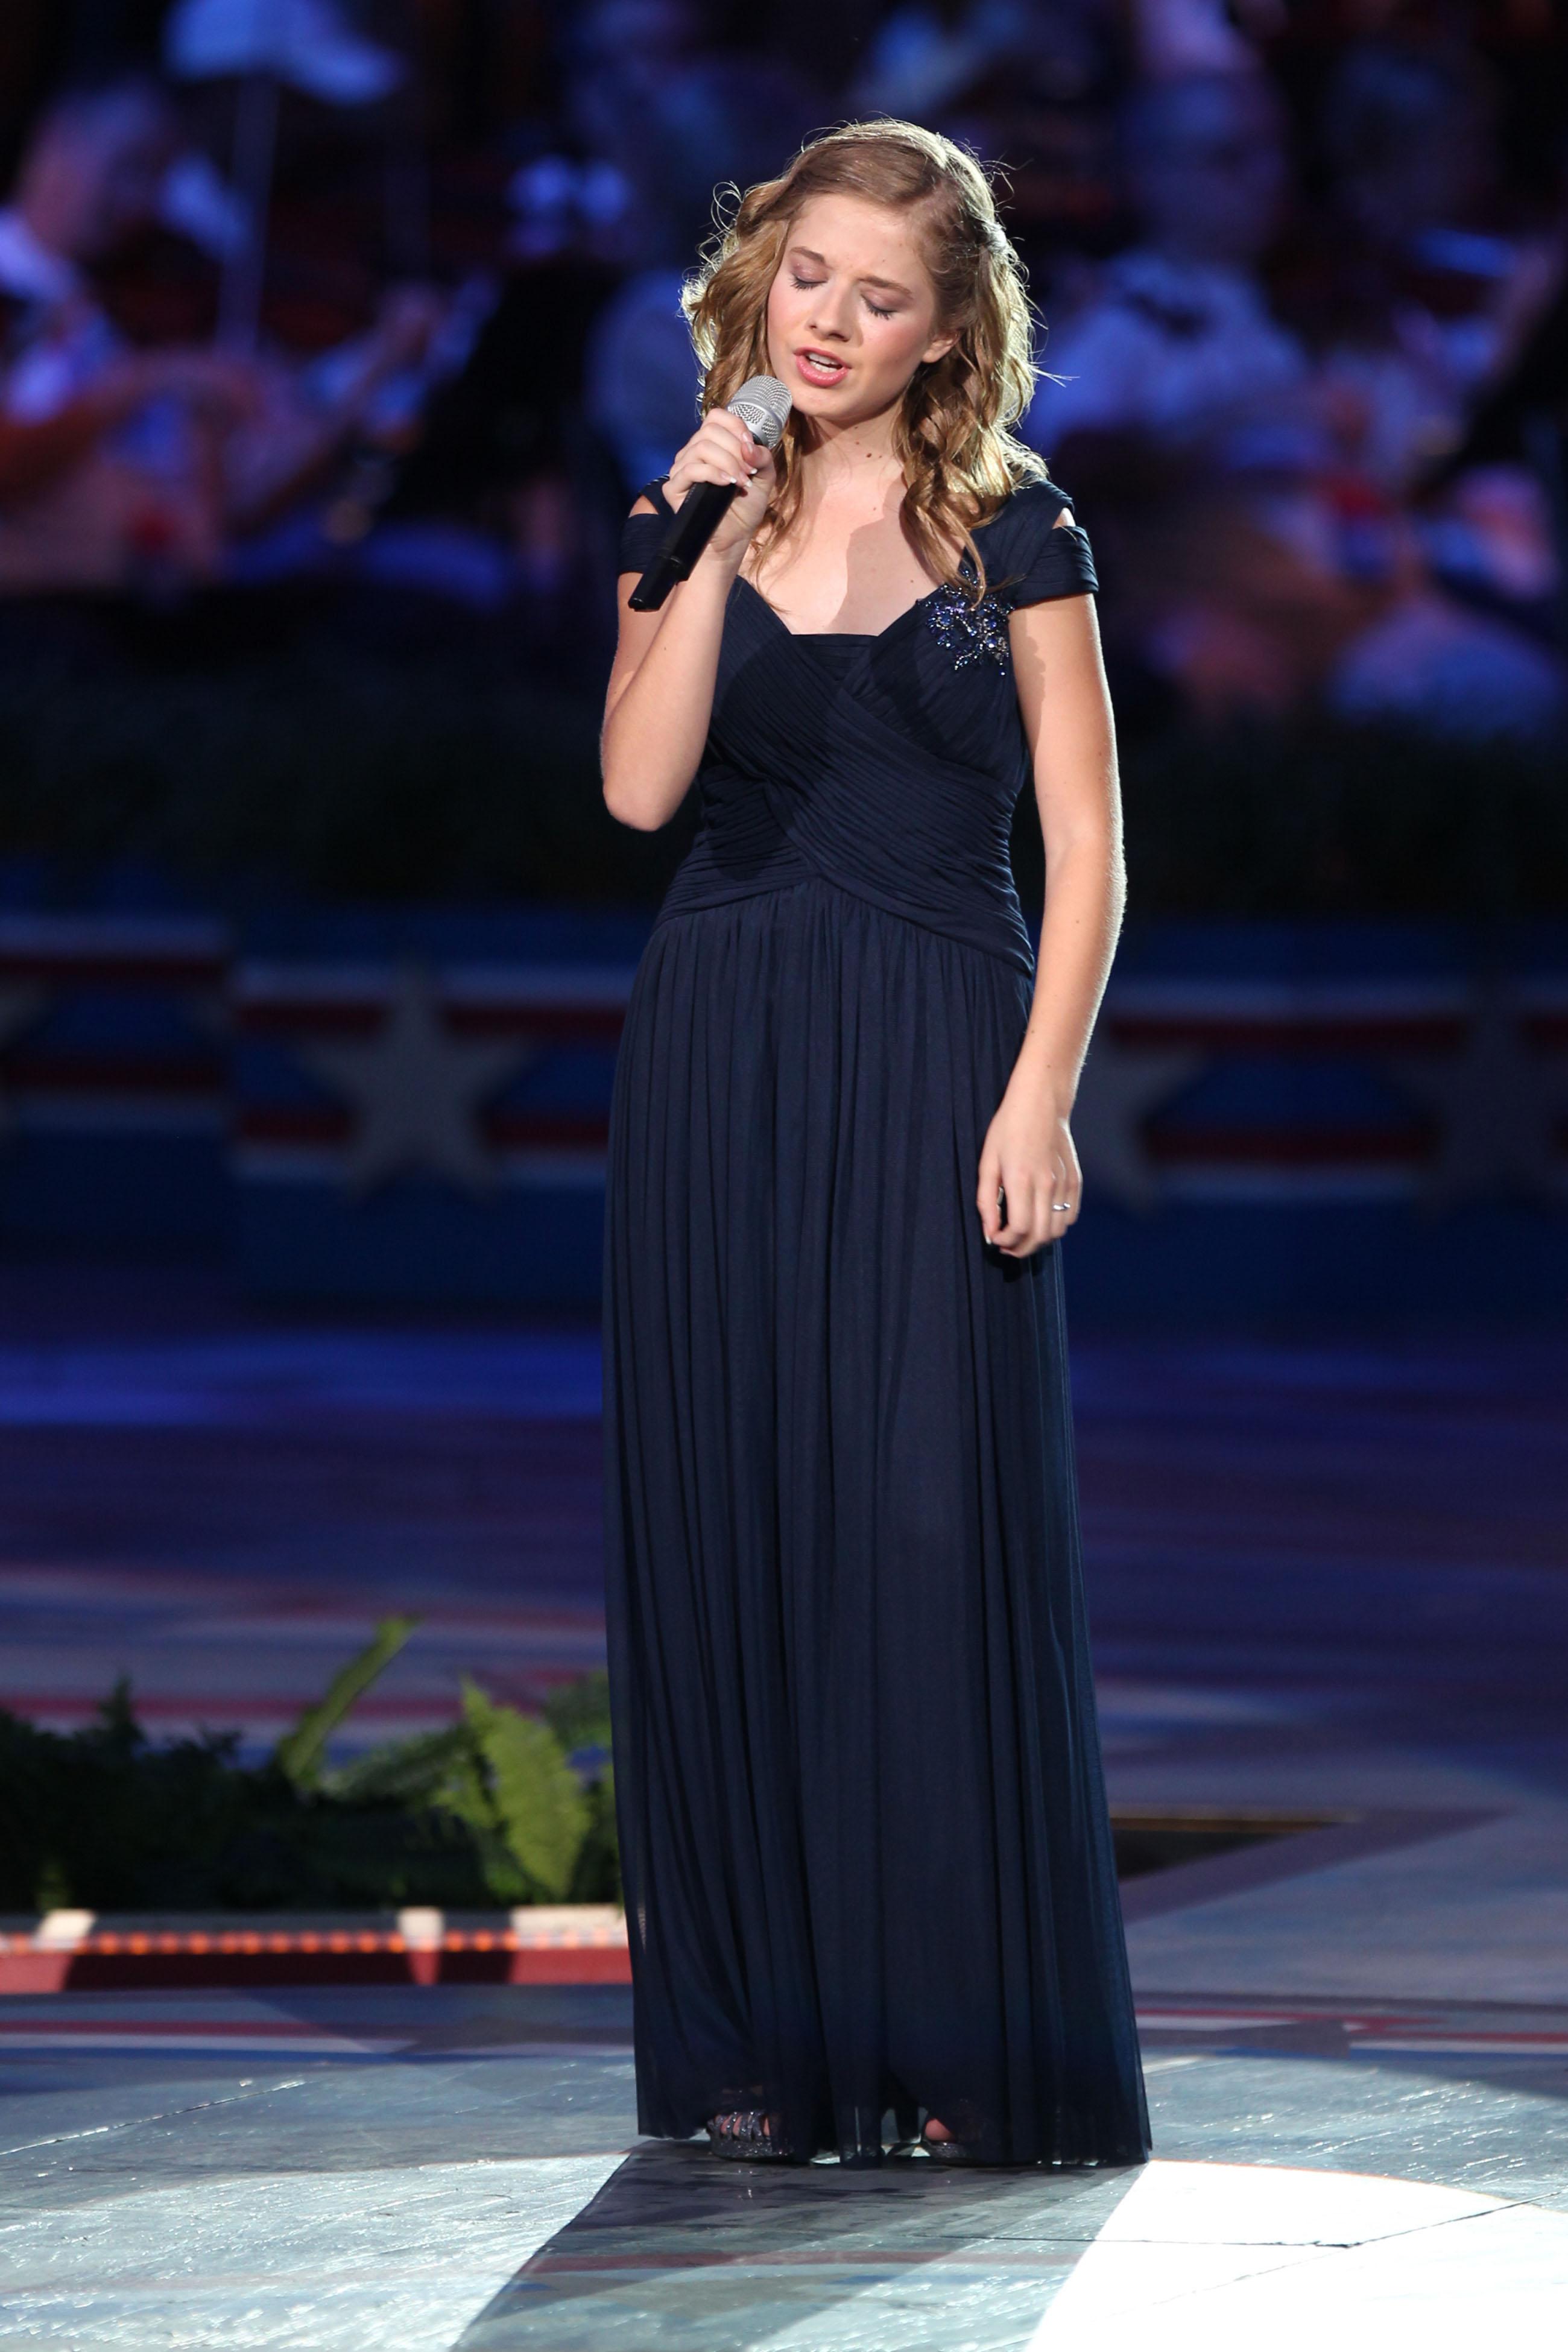 Jackie Evancho, în vârstă de 16 ani, va cânta imnul SUA la ceremonia de învestire a lui Donald